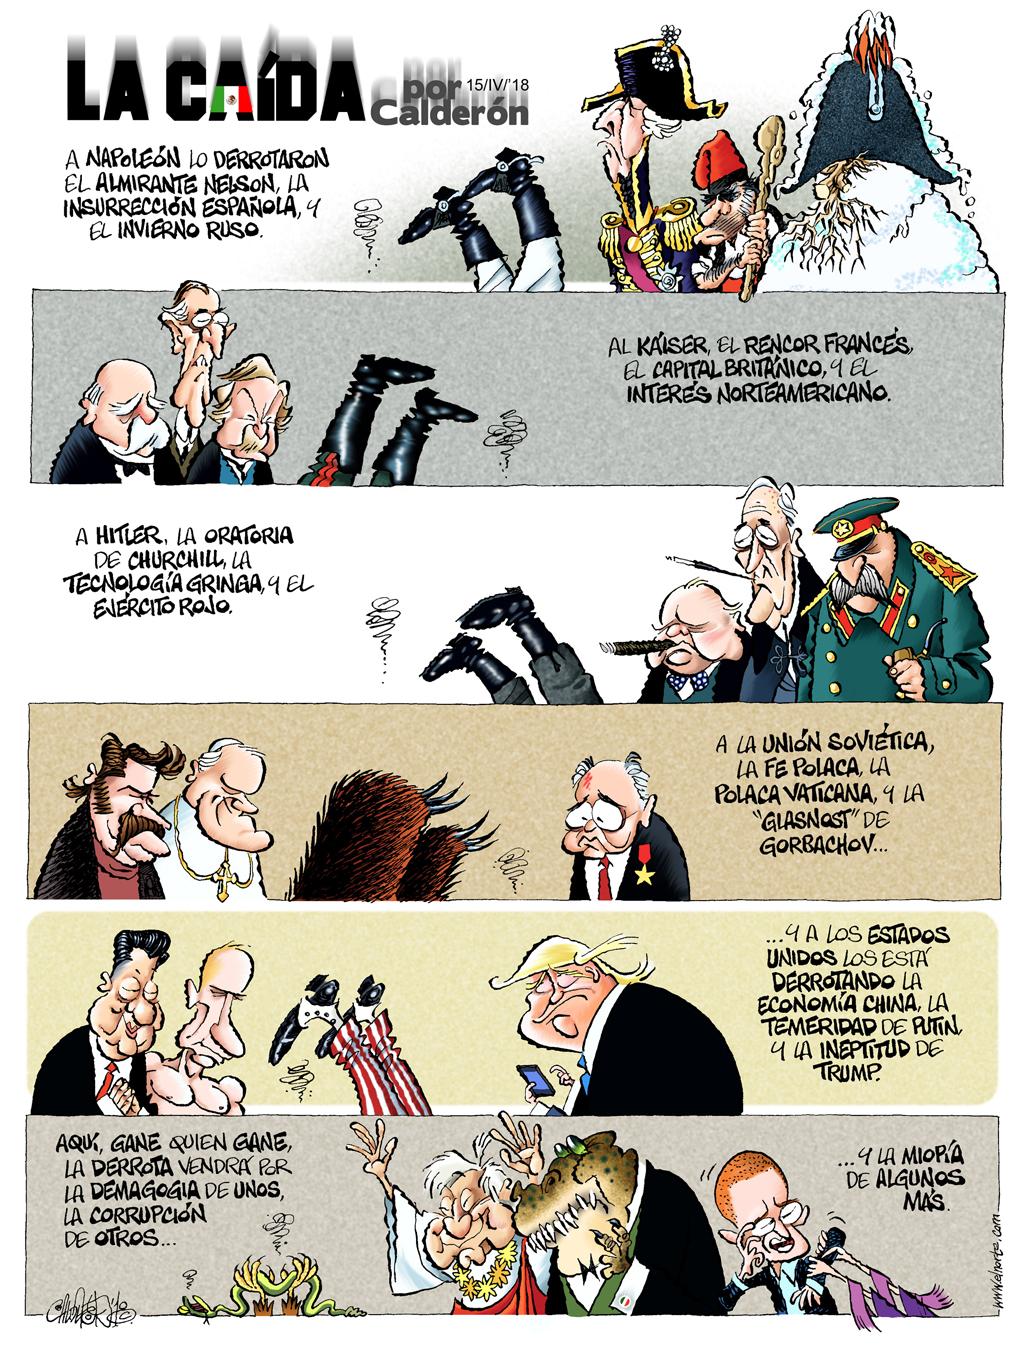 La caída - Calderón